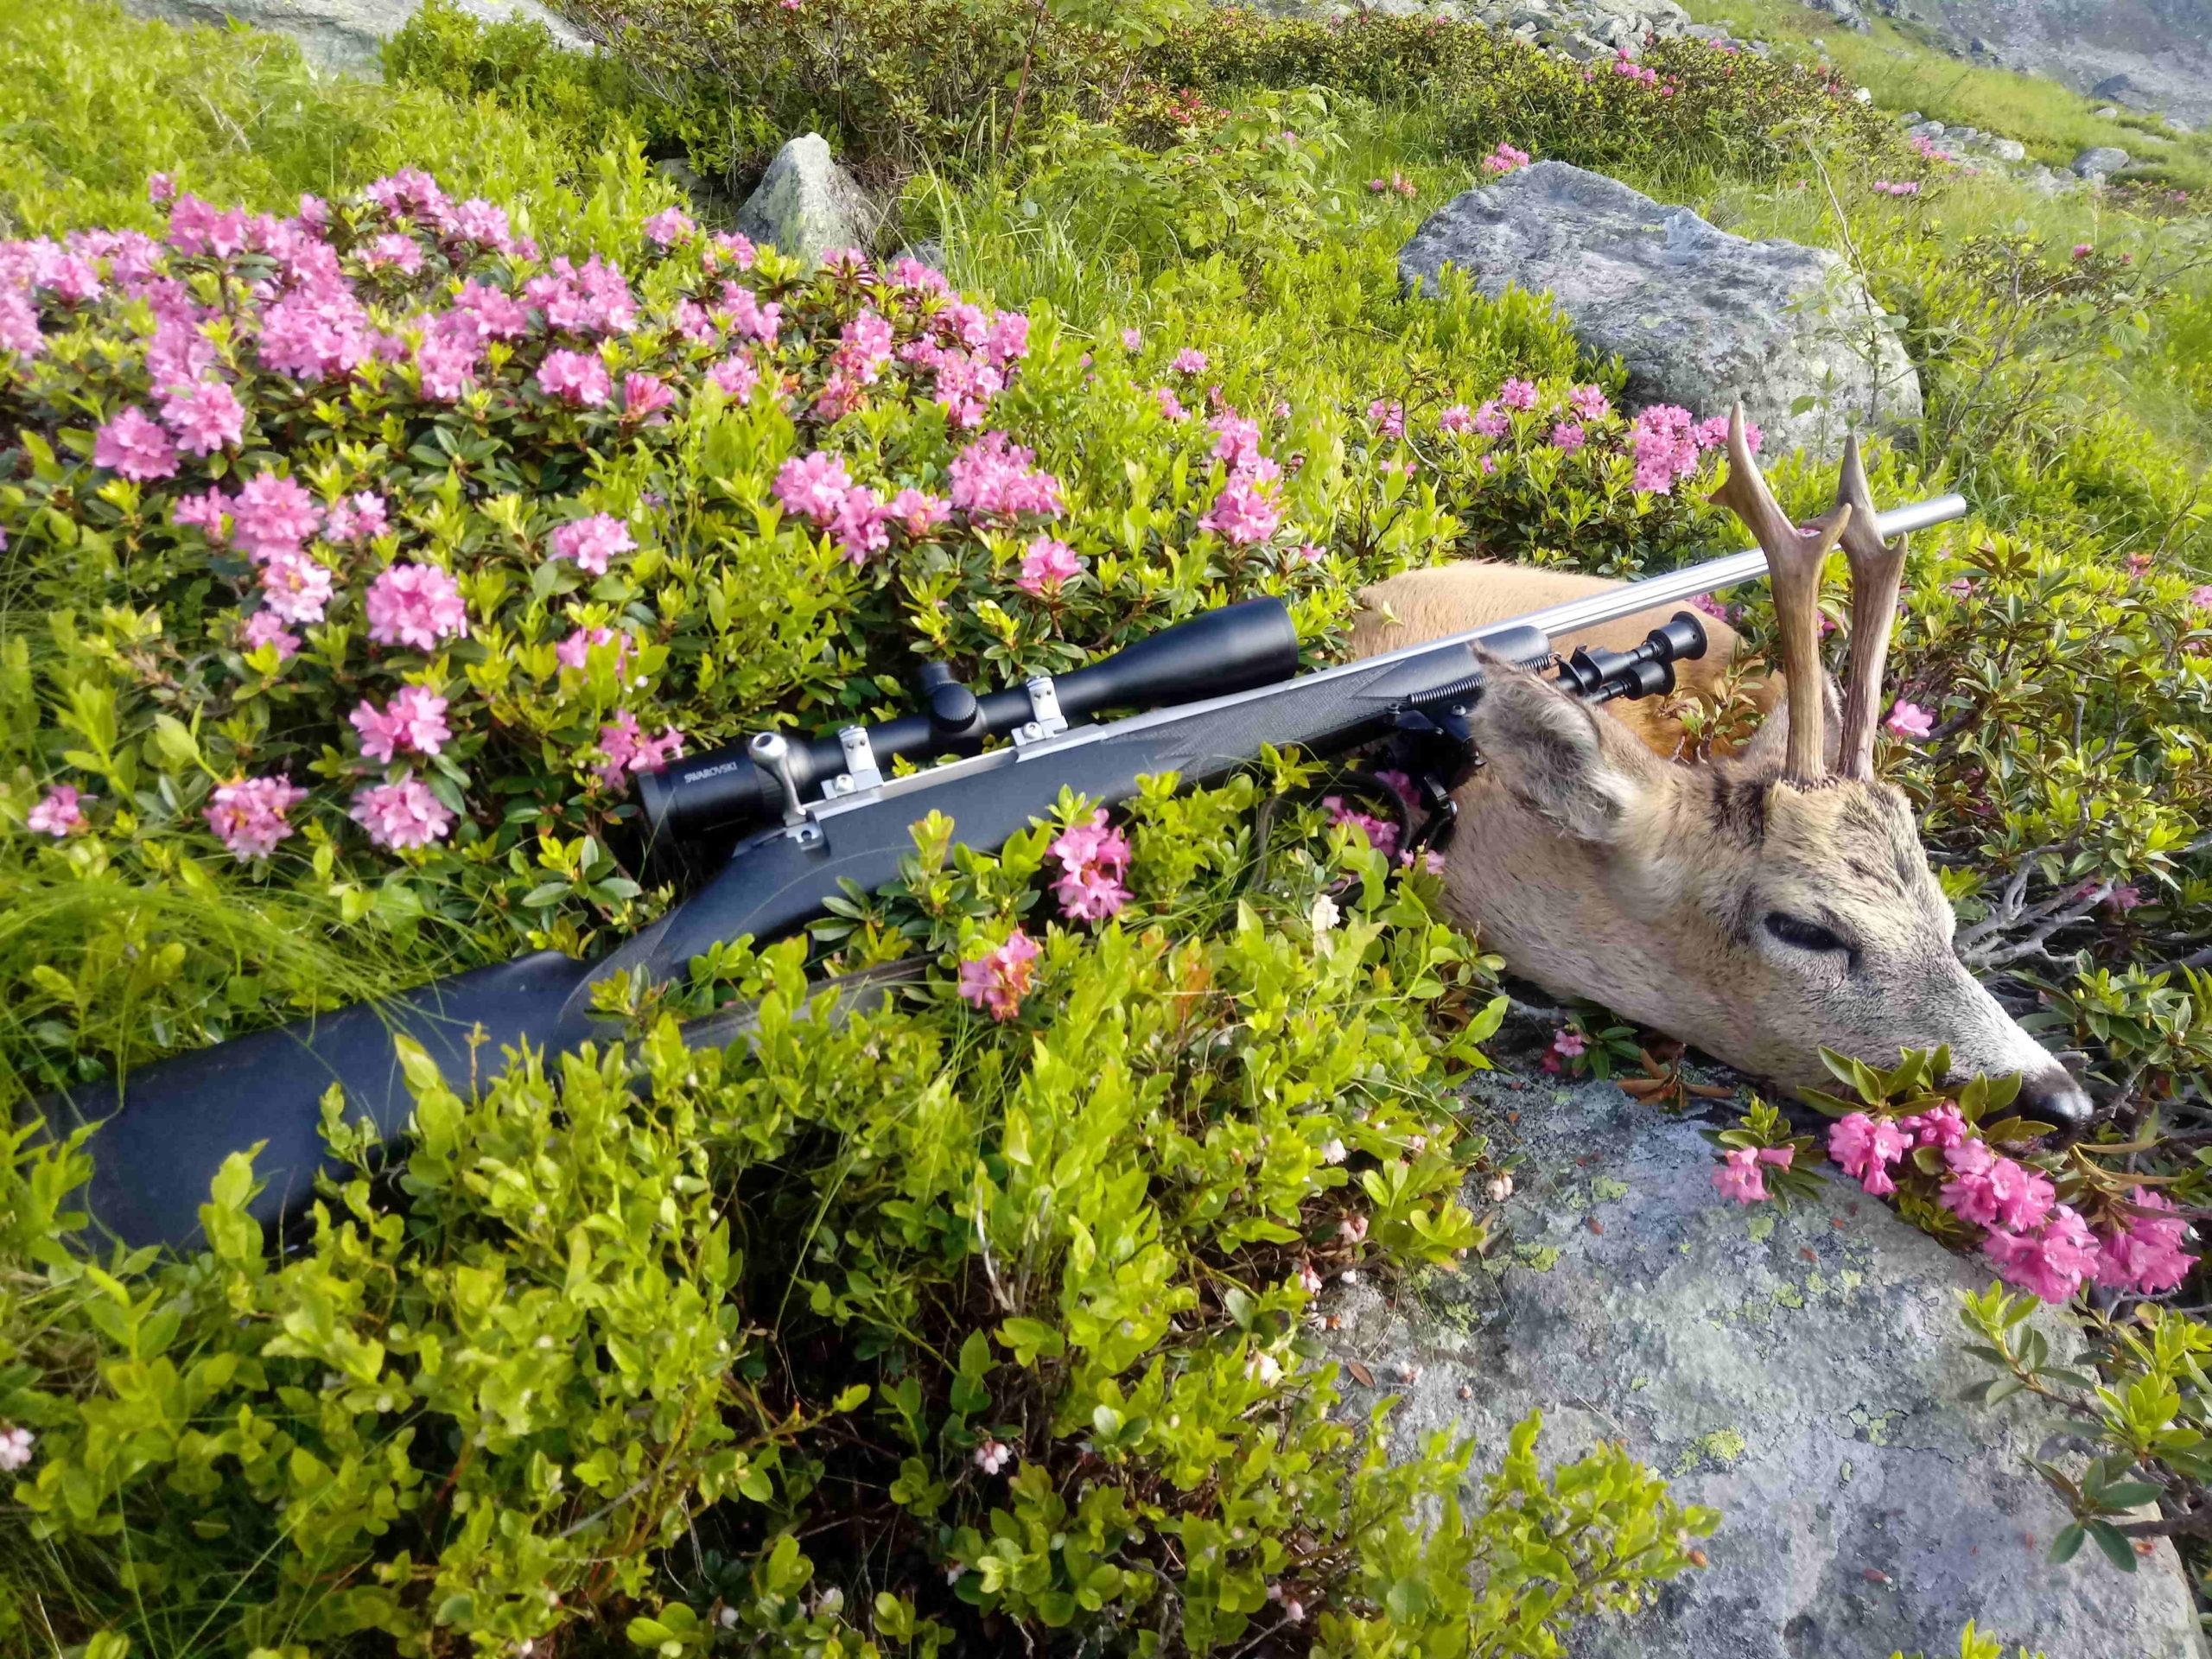 capriolo prelevato a caccia